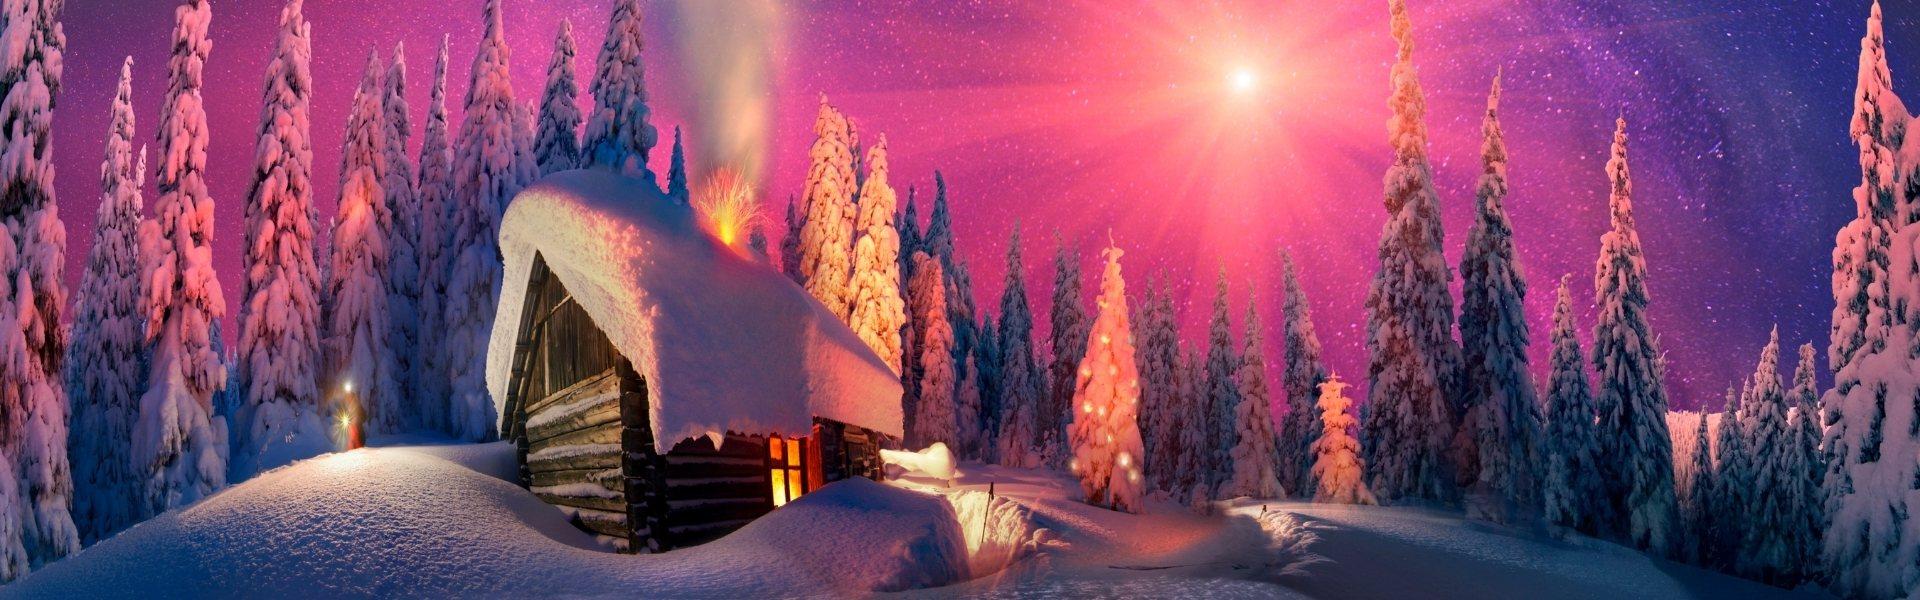 Тур в Карпати на Різдво